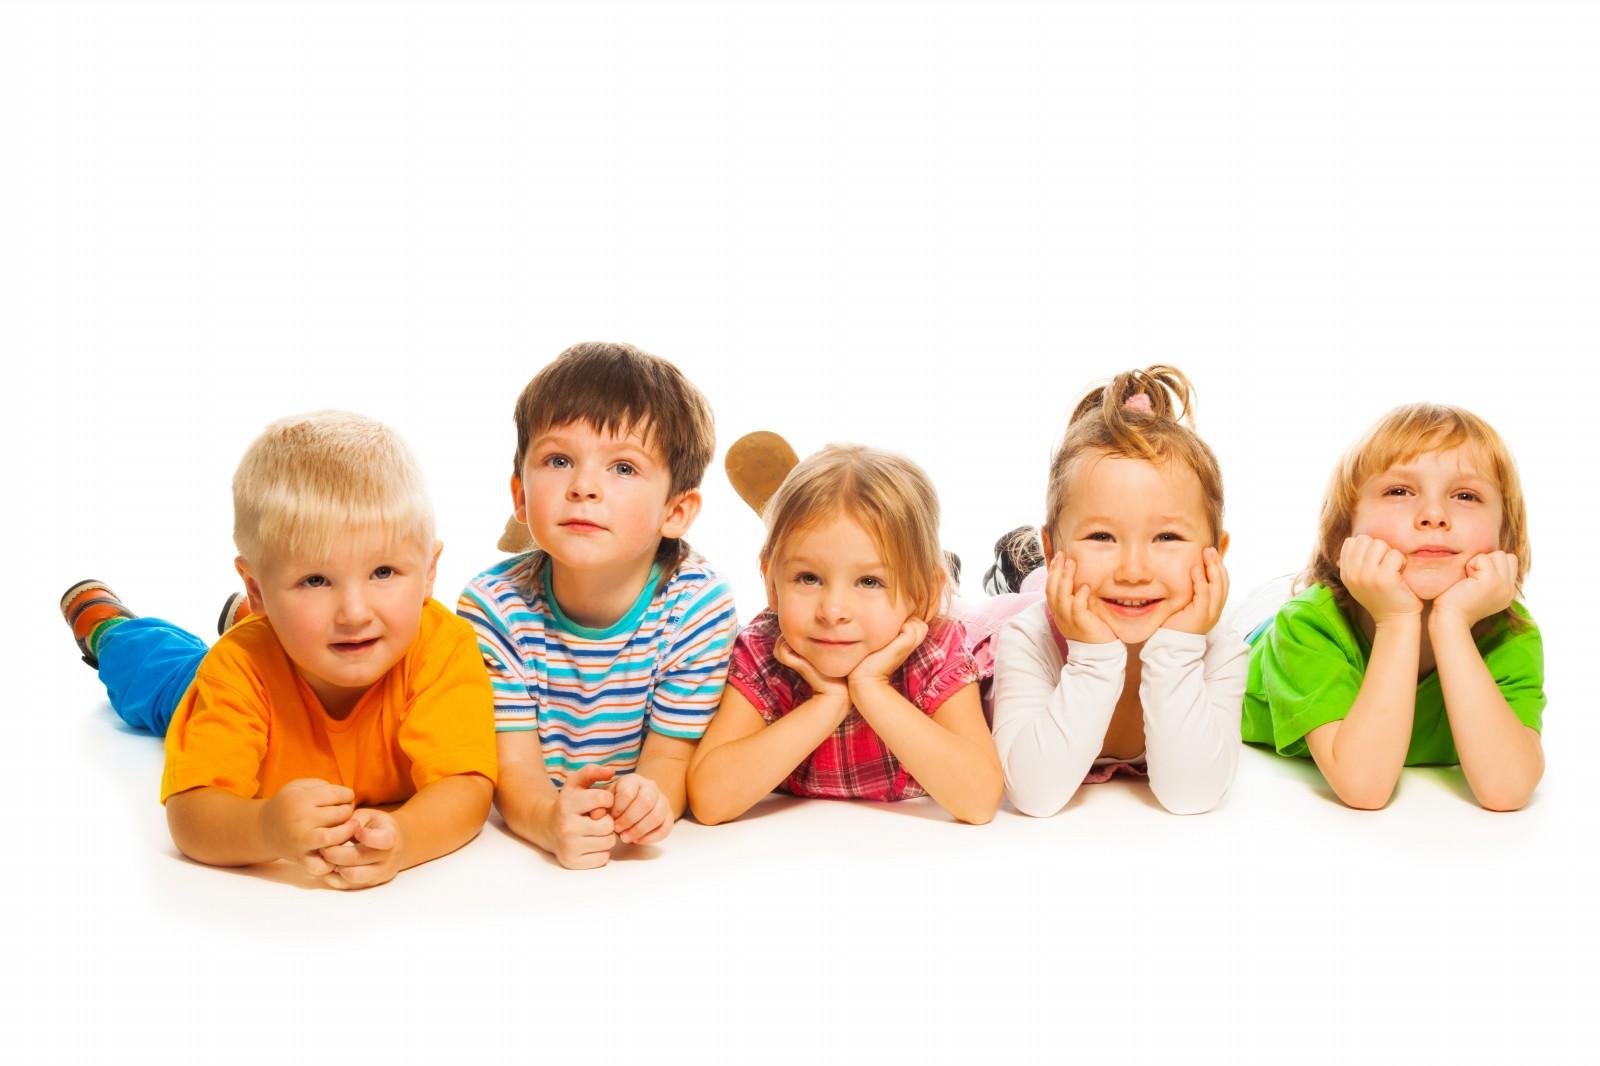 five little kids - Picture Of Little Kids